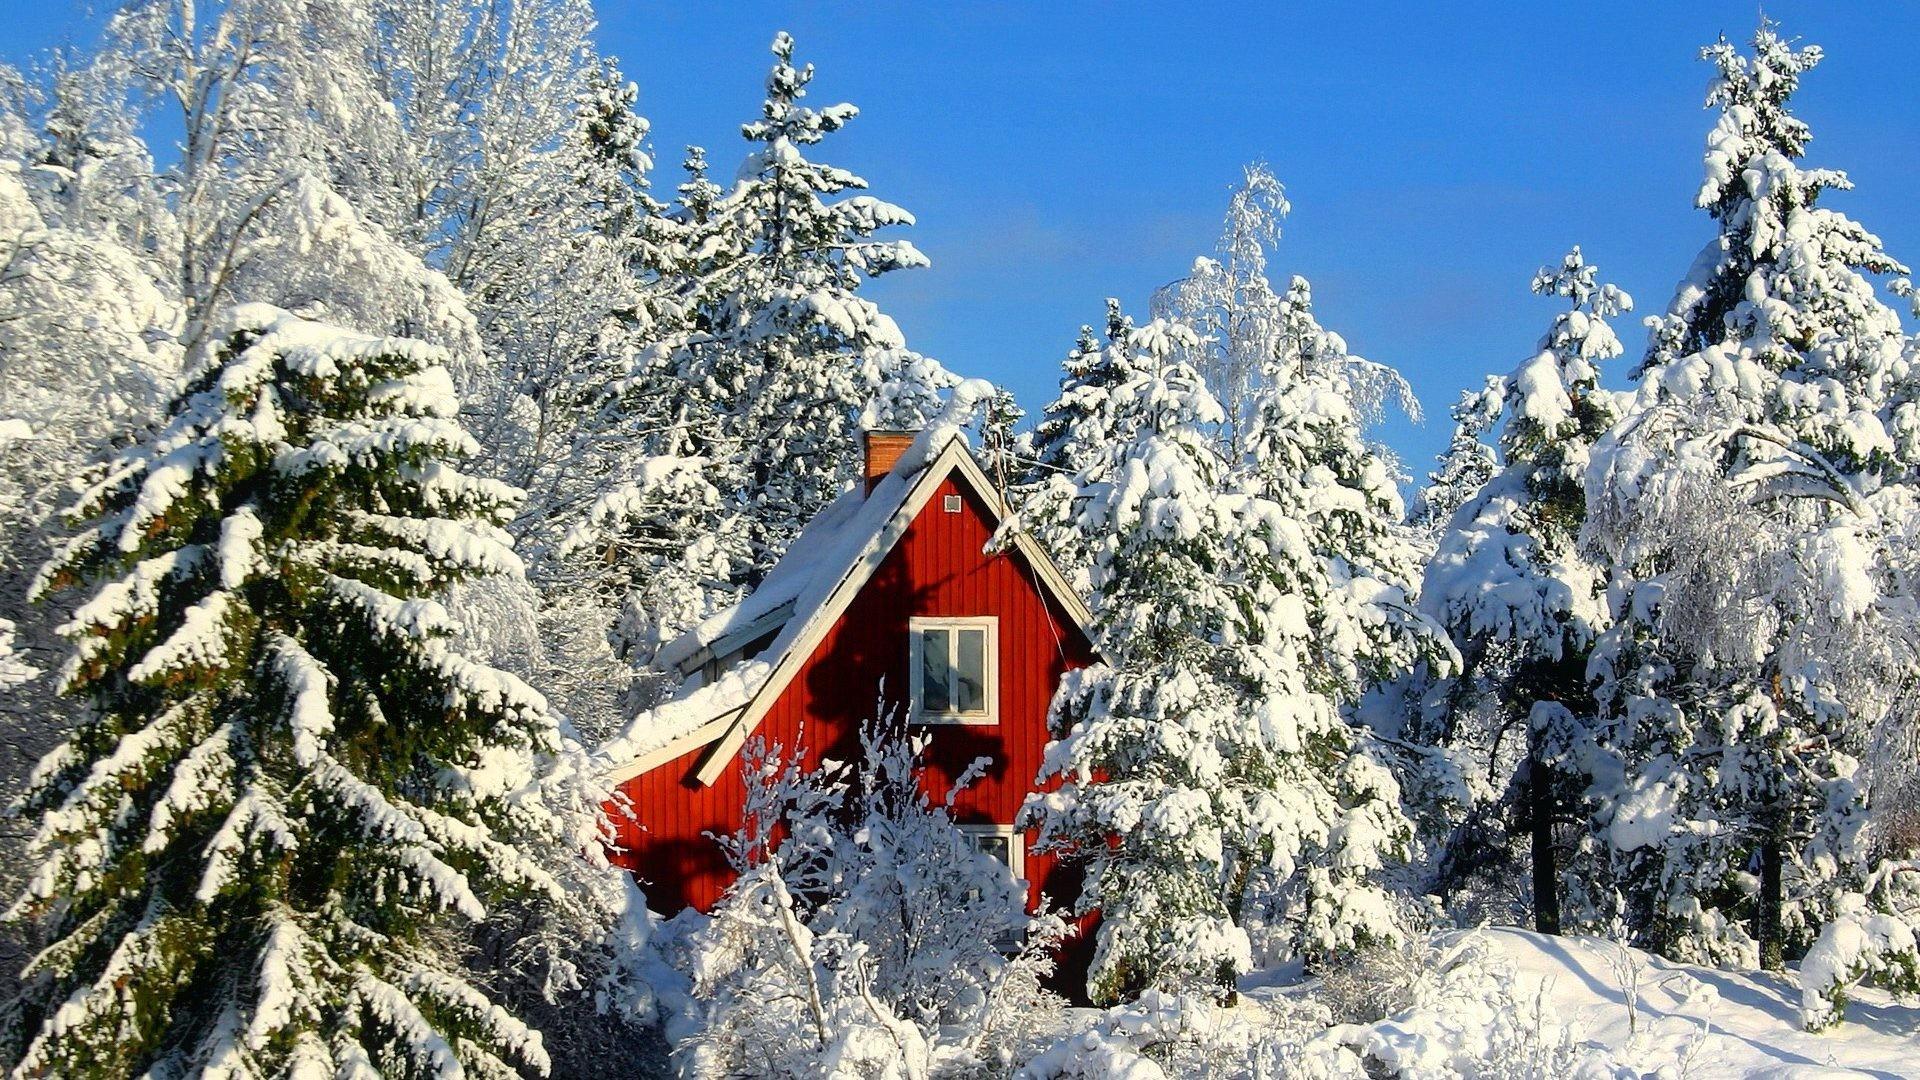 beautiful winter wallpaper  u00b7 u2460 wallpapertag